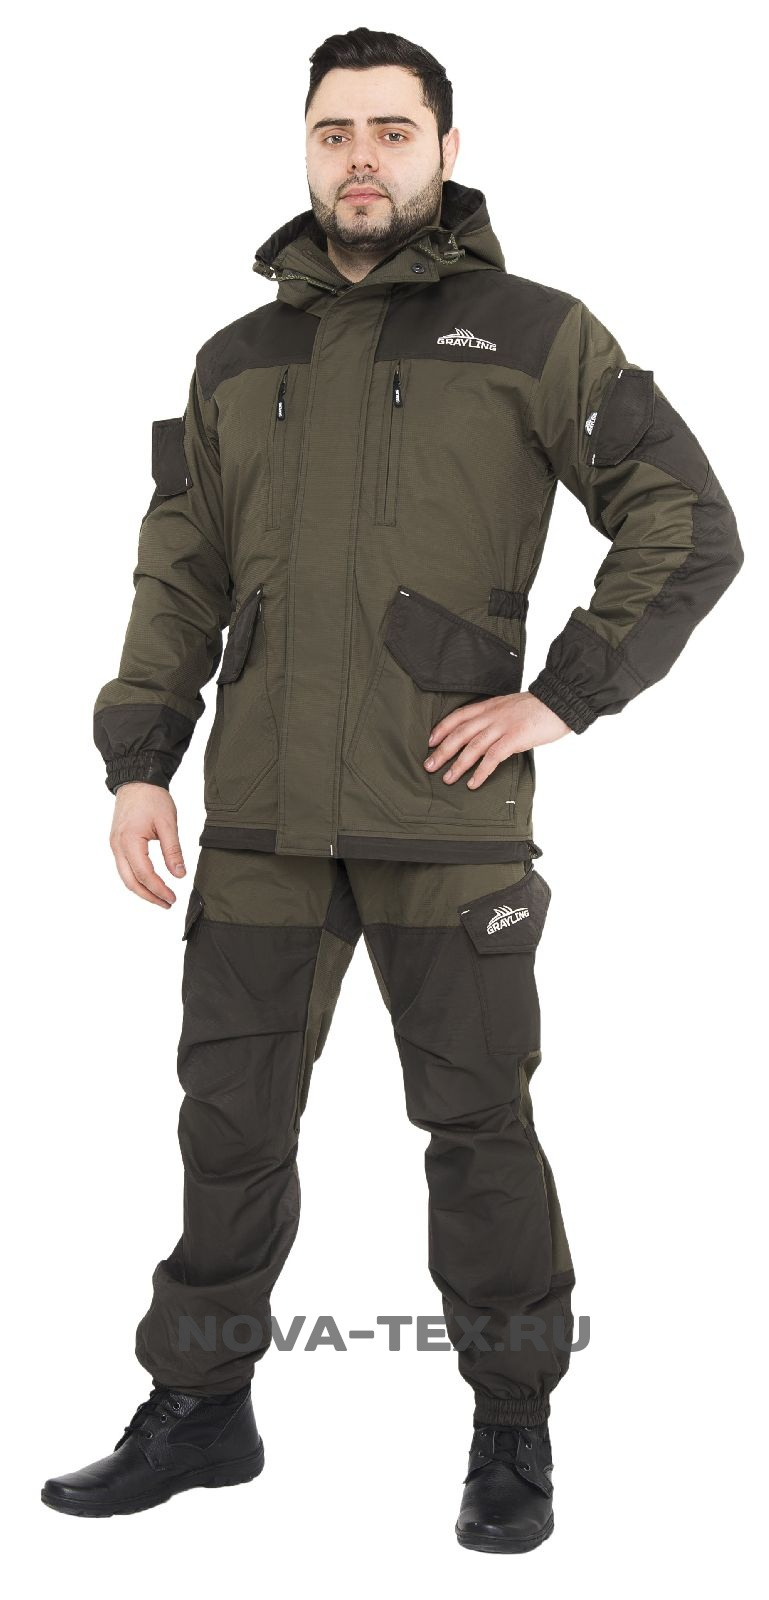 Костюм мужской Скат осень (таслан, хаки), Костюмы неутепленные<br>Костюм «Скат» Осень — относится к элитной <br>рыболовной экипировке коллекции ТМ «Grayling» <br>от компании Novatex. Универсальный костюм «Скат» <br>(дальний родственник знаменитой «Горки») <br>специально адаптирован для людей, увлекающихся <br>рыбалкой. Костюм состоит из длинной куртки <br>и полукомбинезона анатомического кроя. <br>Для изготовления костюма «Скат» Осень применяют <br>современную нейлоновую ткань с мембранным <br>покрытием, с водоупорностью до 5 000 мм вод. <br>ст. Для отделки и армирования используется <br>мембранная ткань «кошачий глаз», которая <br>обладает повышенной износоустойчивостью. <br>Подкладка из флиса гарантирует комфорт <br>и тепло. Костюм «Скат» Осень рекомендован <br>для рыбаков и любителей активного отдыха <br>в весенне-осенний период. Особенности модели: <br>-анатомический крой ткань -мембрана -водонепроницаемость <br>8000 -паропроницаемость 5000 -ветрозащитная <br>ткань -влагозащитная ткань -двойная ветрозащитная <br>планка -двухзамковая молния -капюшон регулируется <br>по ширине -отделка тканью-мембраной -усиление <br>по плечам -усиление на коленях -усиление <br>на локтях -усиление по низу брюк -утяжки <br>в области коленей -утяжки в области локтей <br>-регулируемые подтяжки флисовый подклад<br><br>Пол: мужской<br>Размер: 60-62<br>Рост: 170-176<br>Сезон: демисезонный<br>Материал: мембрана